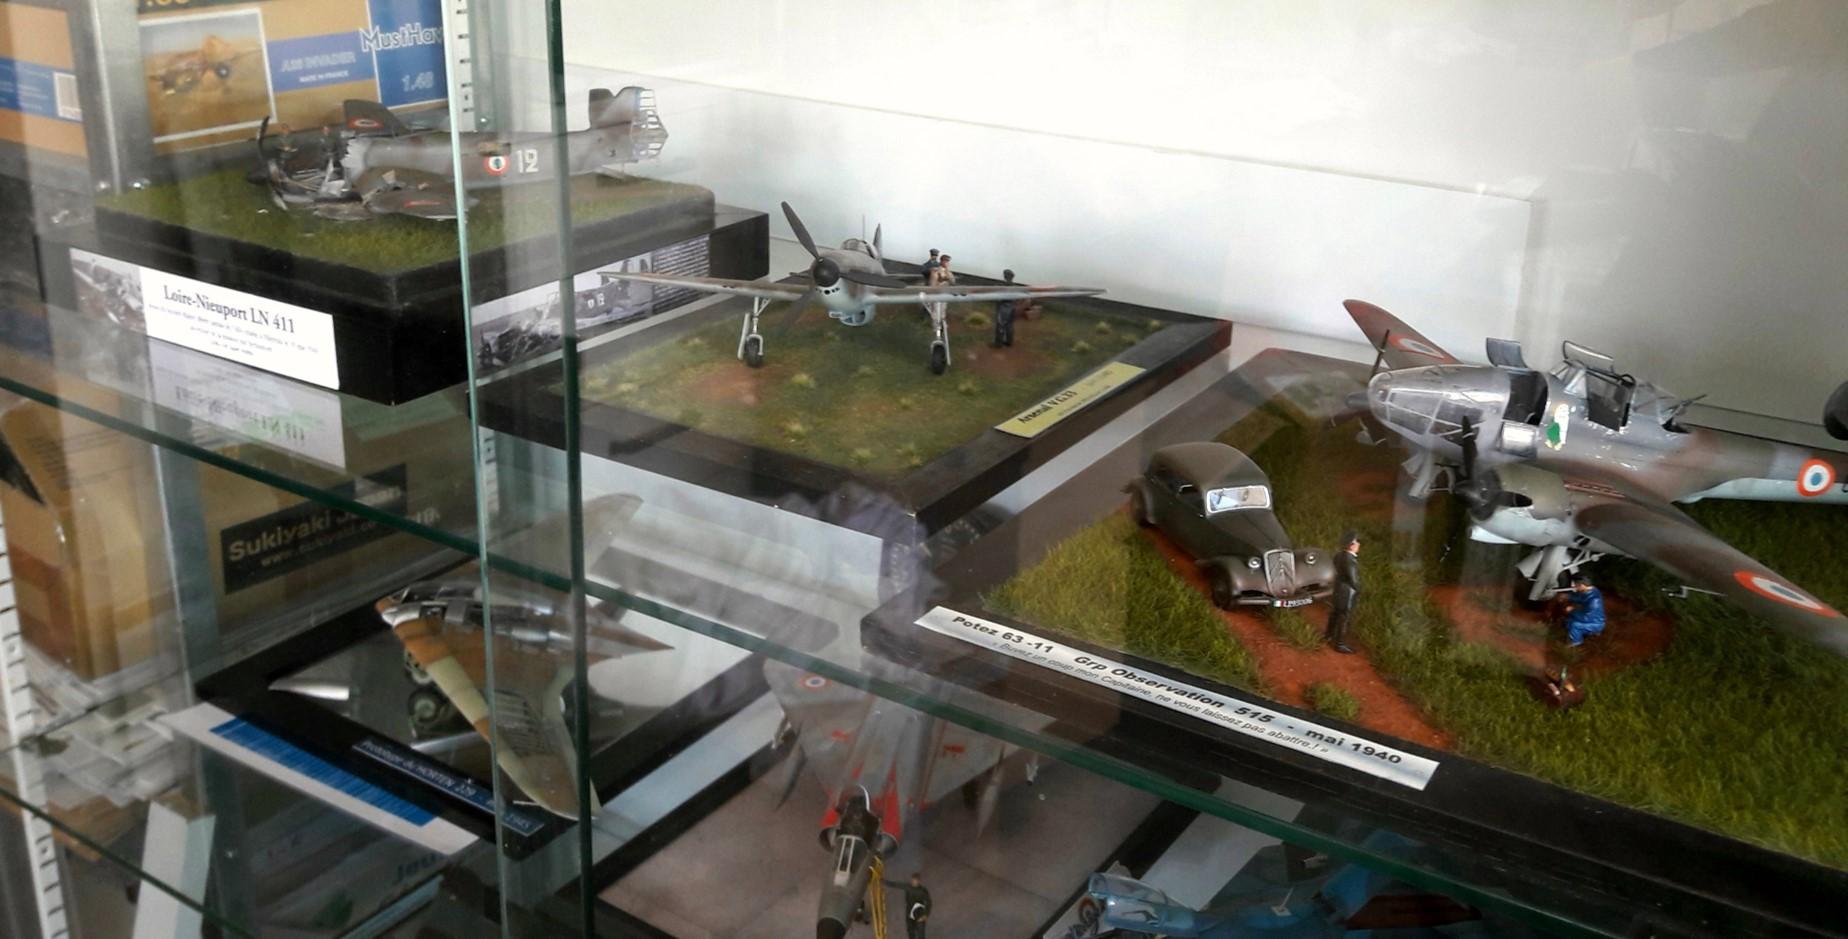 [Concours Aéronavale] Loire Nieuport 401/411 -  Special hobby 1/48 - crash à Villereau -le sacrifice des marins aviateurs du 19 mai 1940 - Mission Berlaimont  Image115